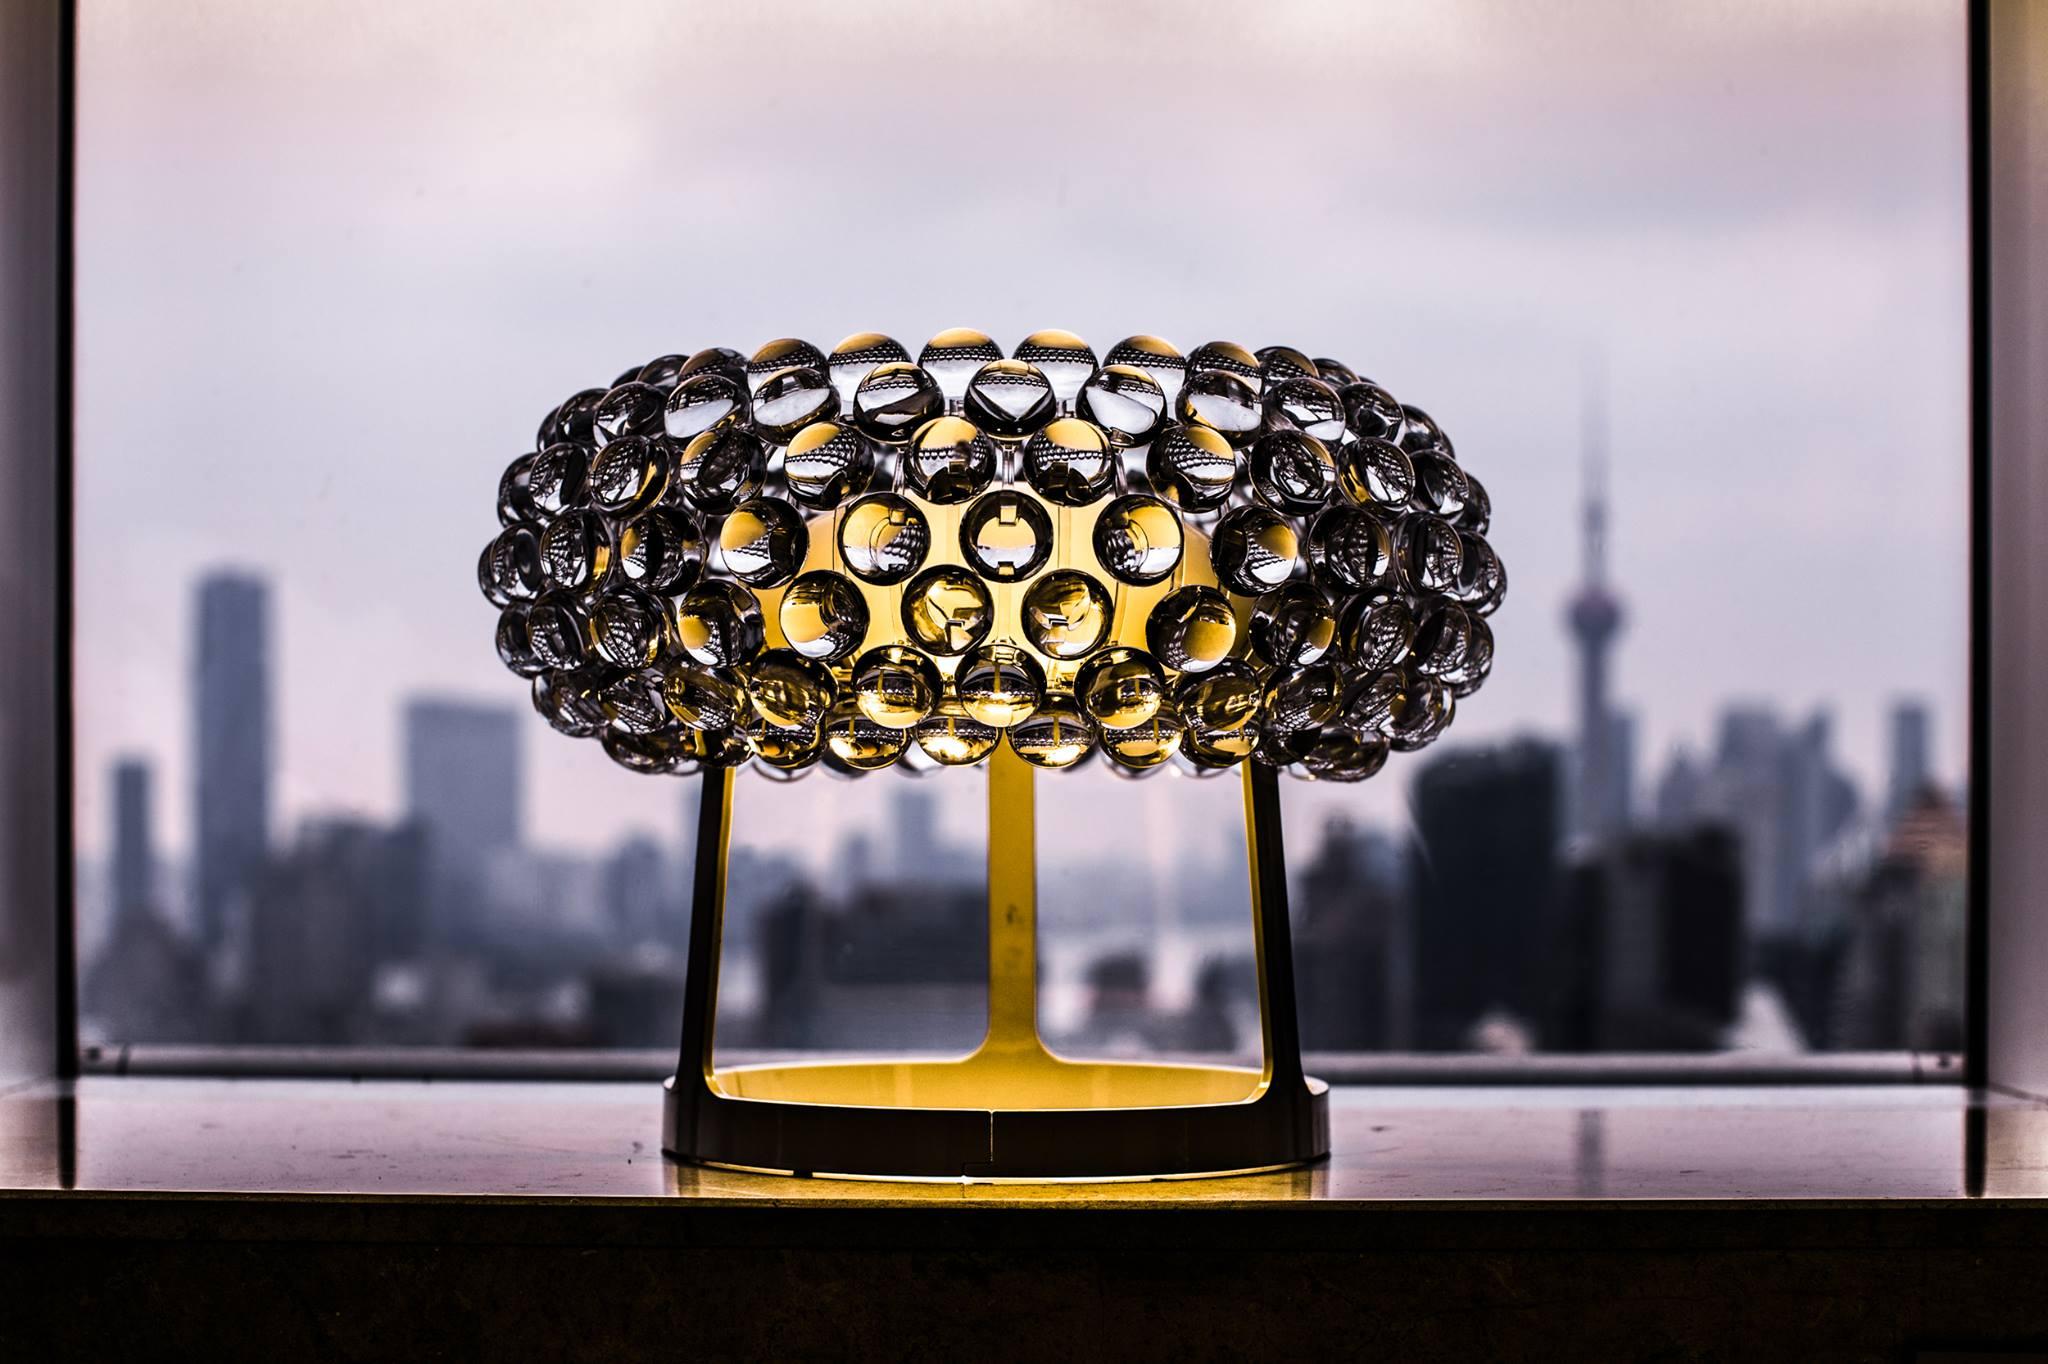 Lampade di design meravigliosi brand tutti italiani snap italy